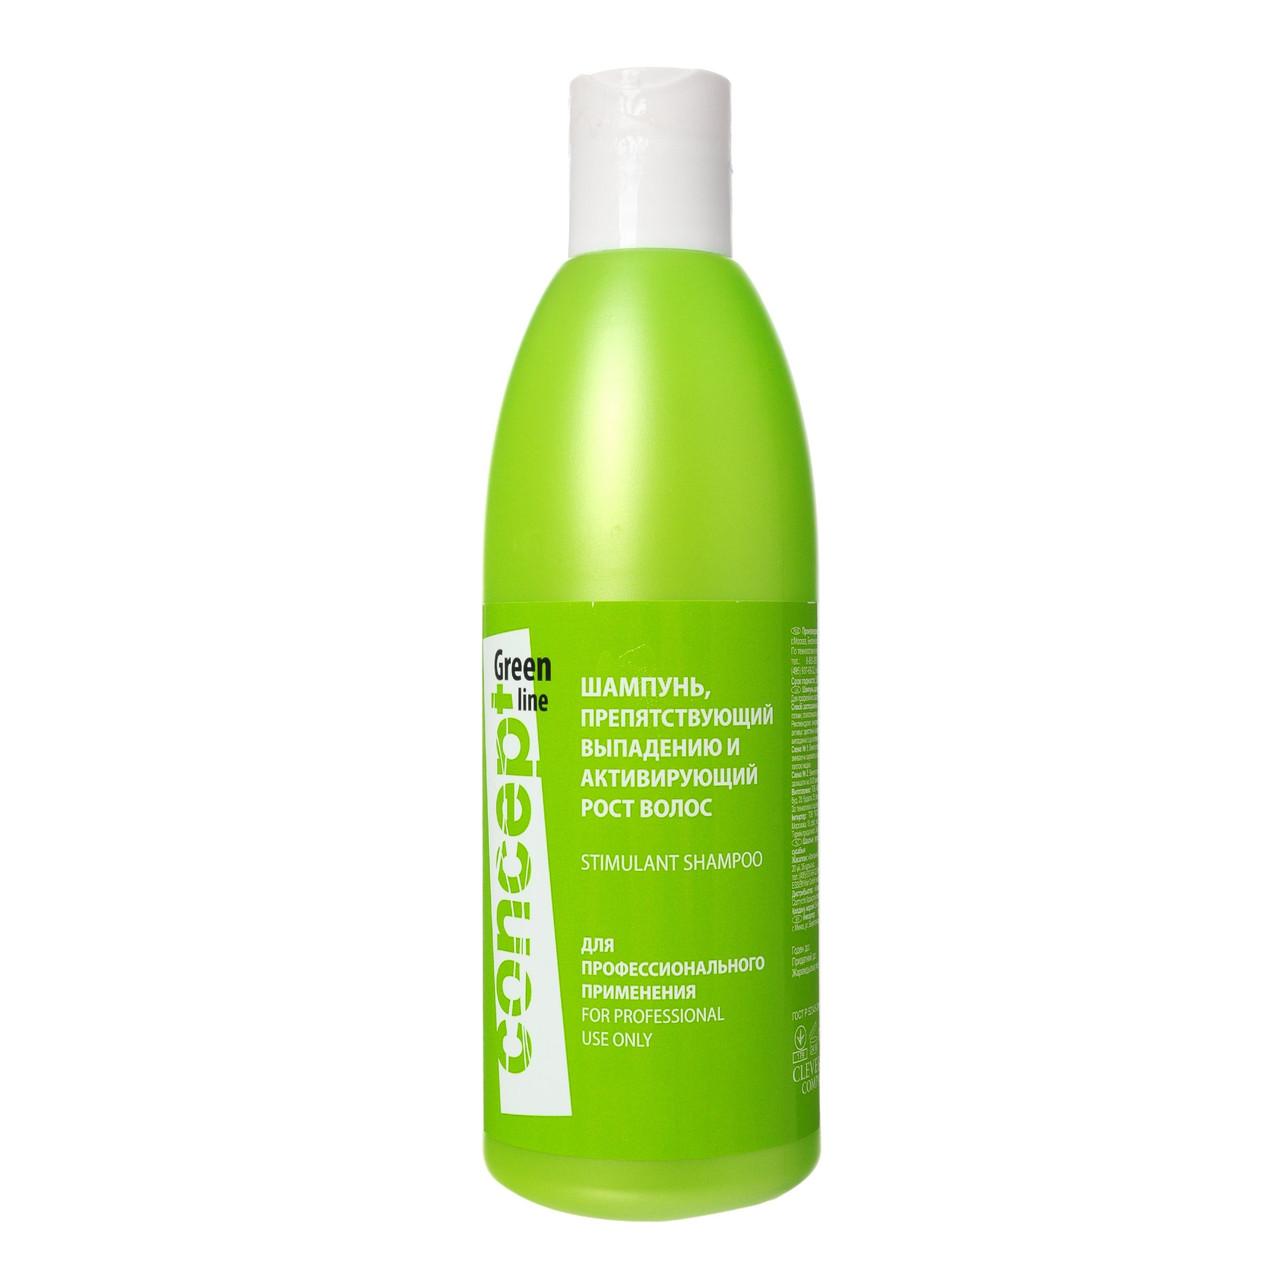 Шампунь, що перешкоджає випаданню і активує ріст волосся Concept 300 мл.